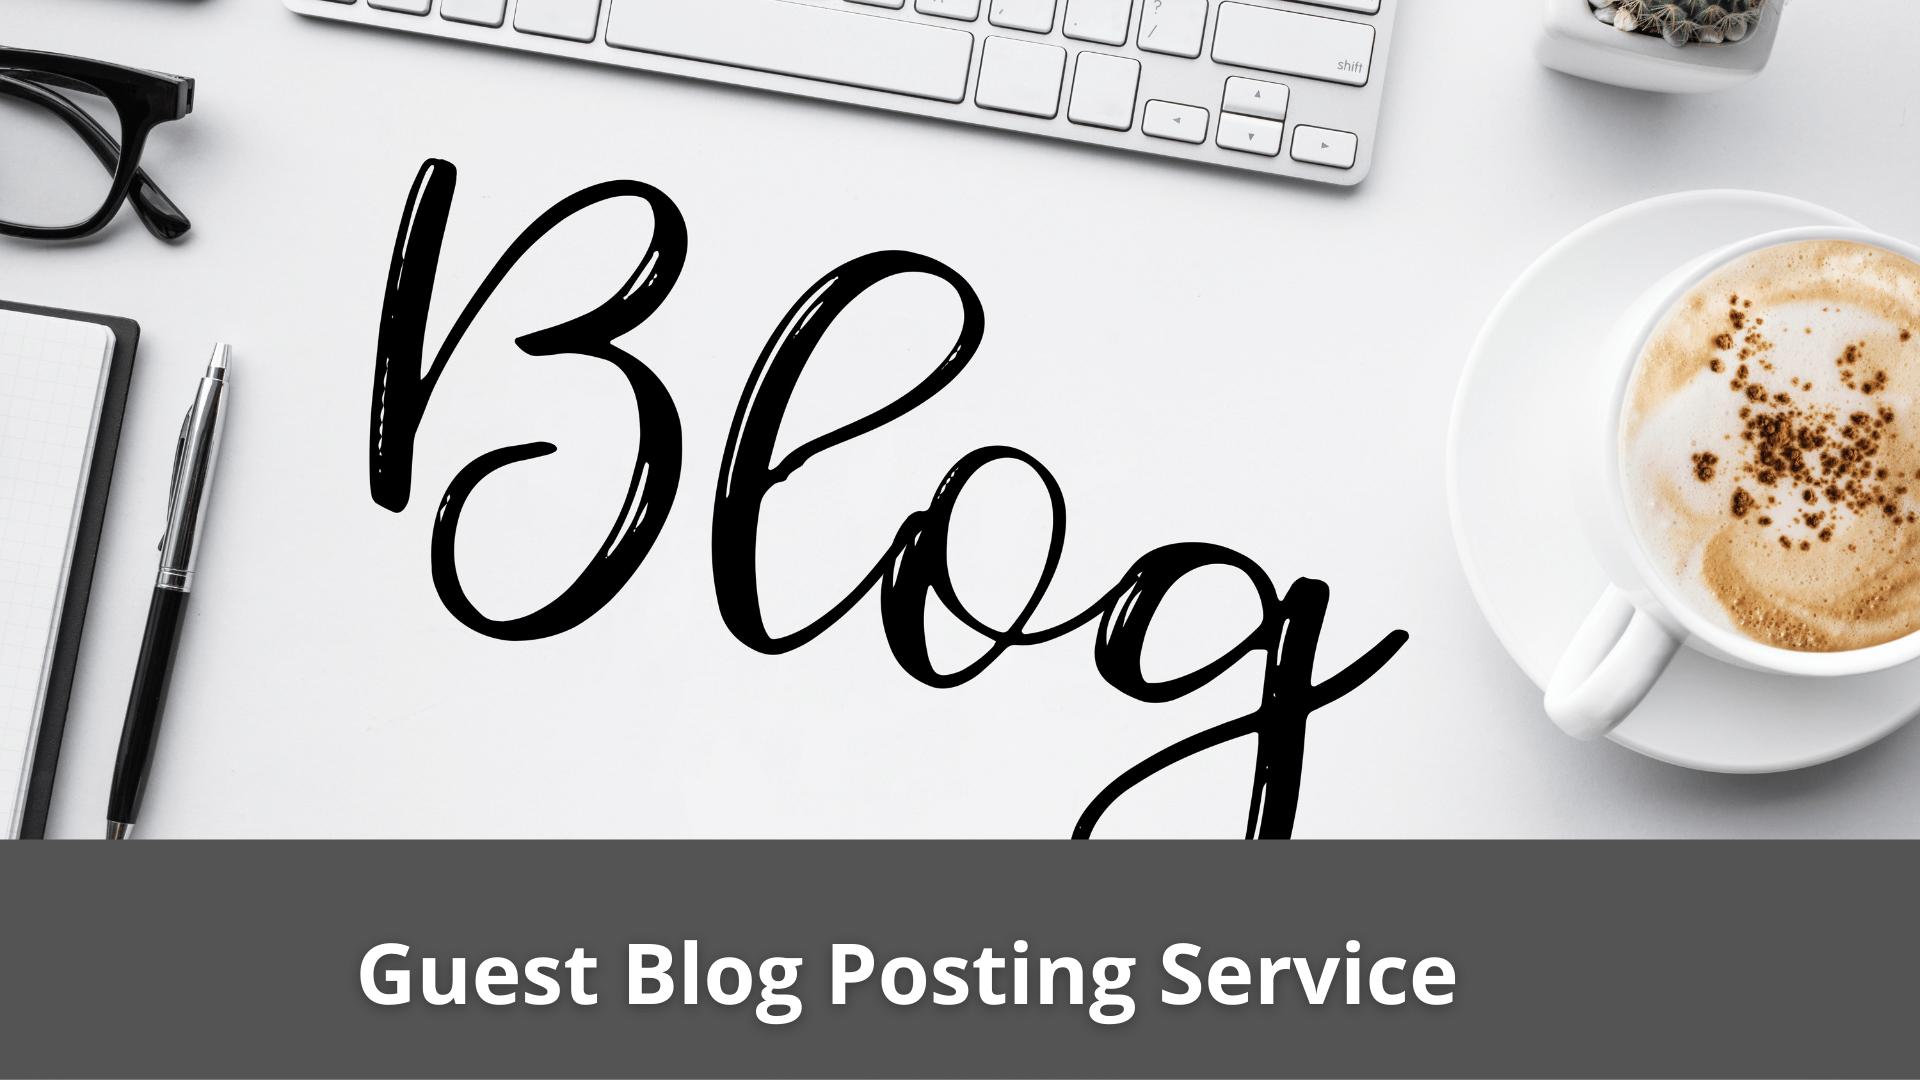 Guest Blog Posting Service 39